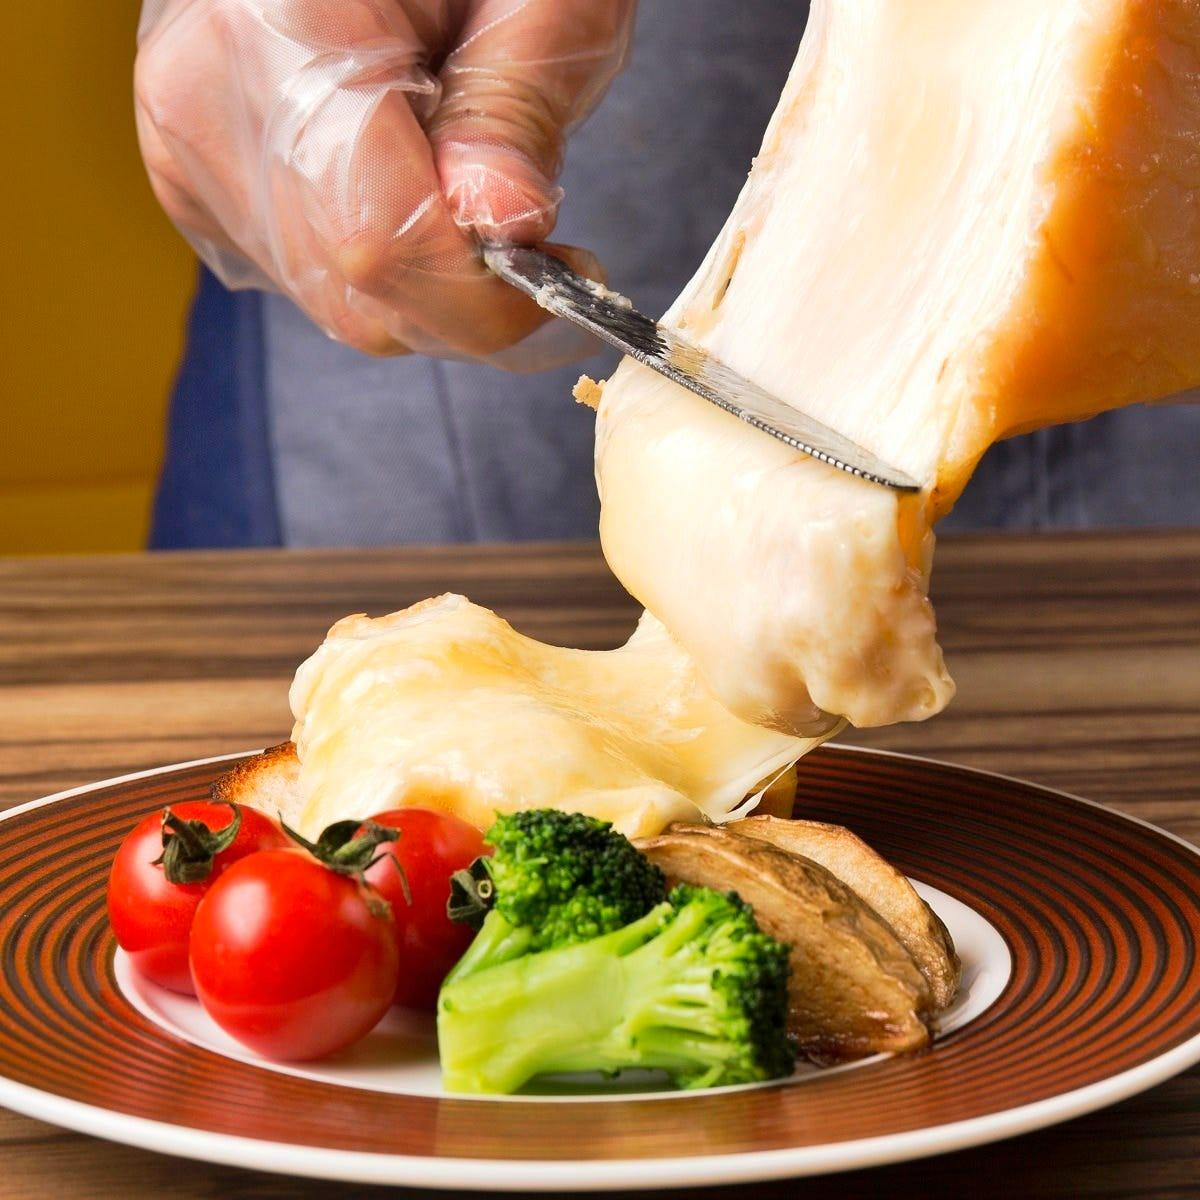 専用のオーブンで溶かしたラクレットを目の前で削ぎ落とします!